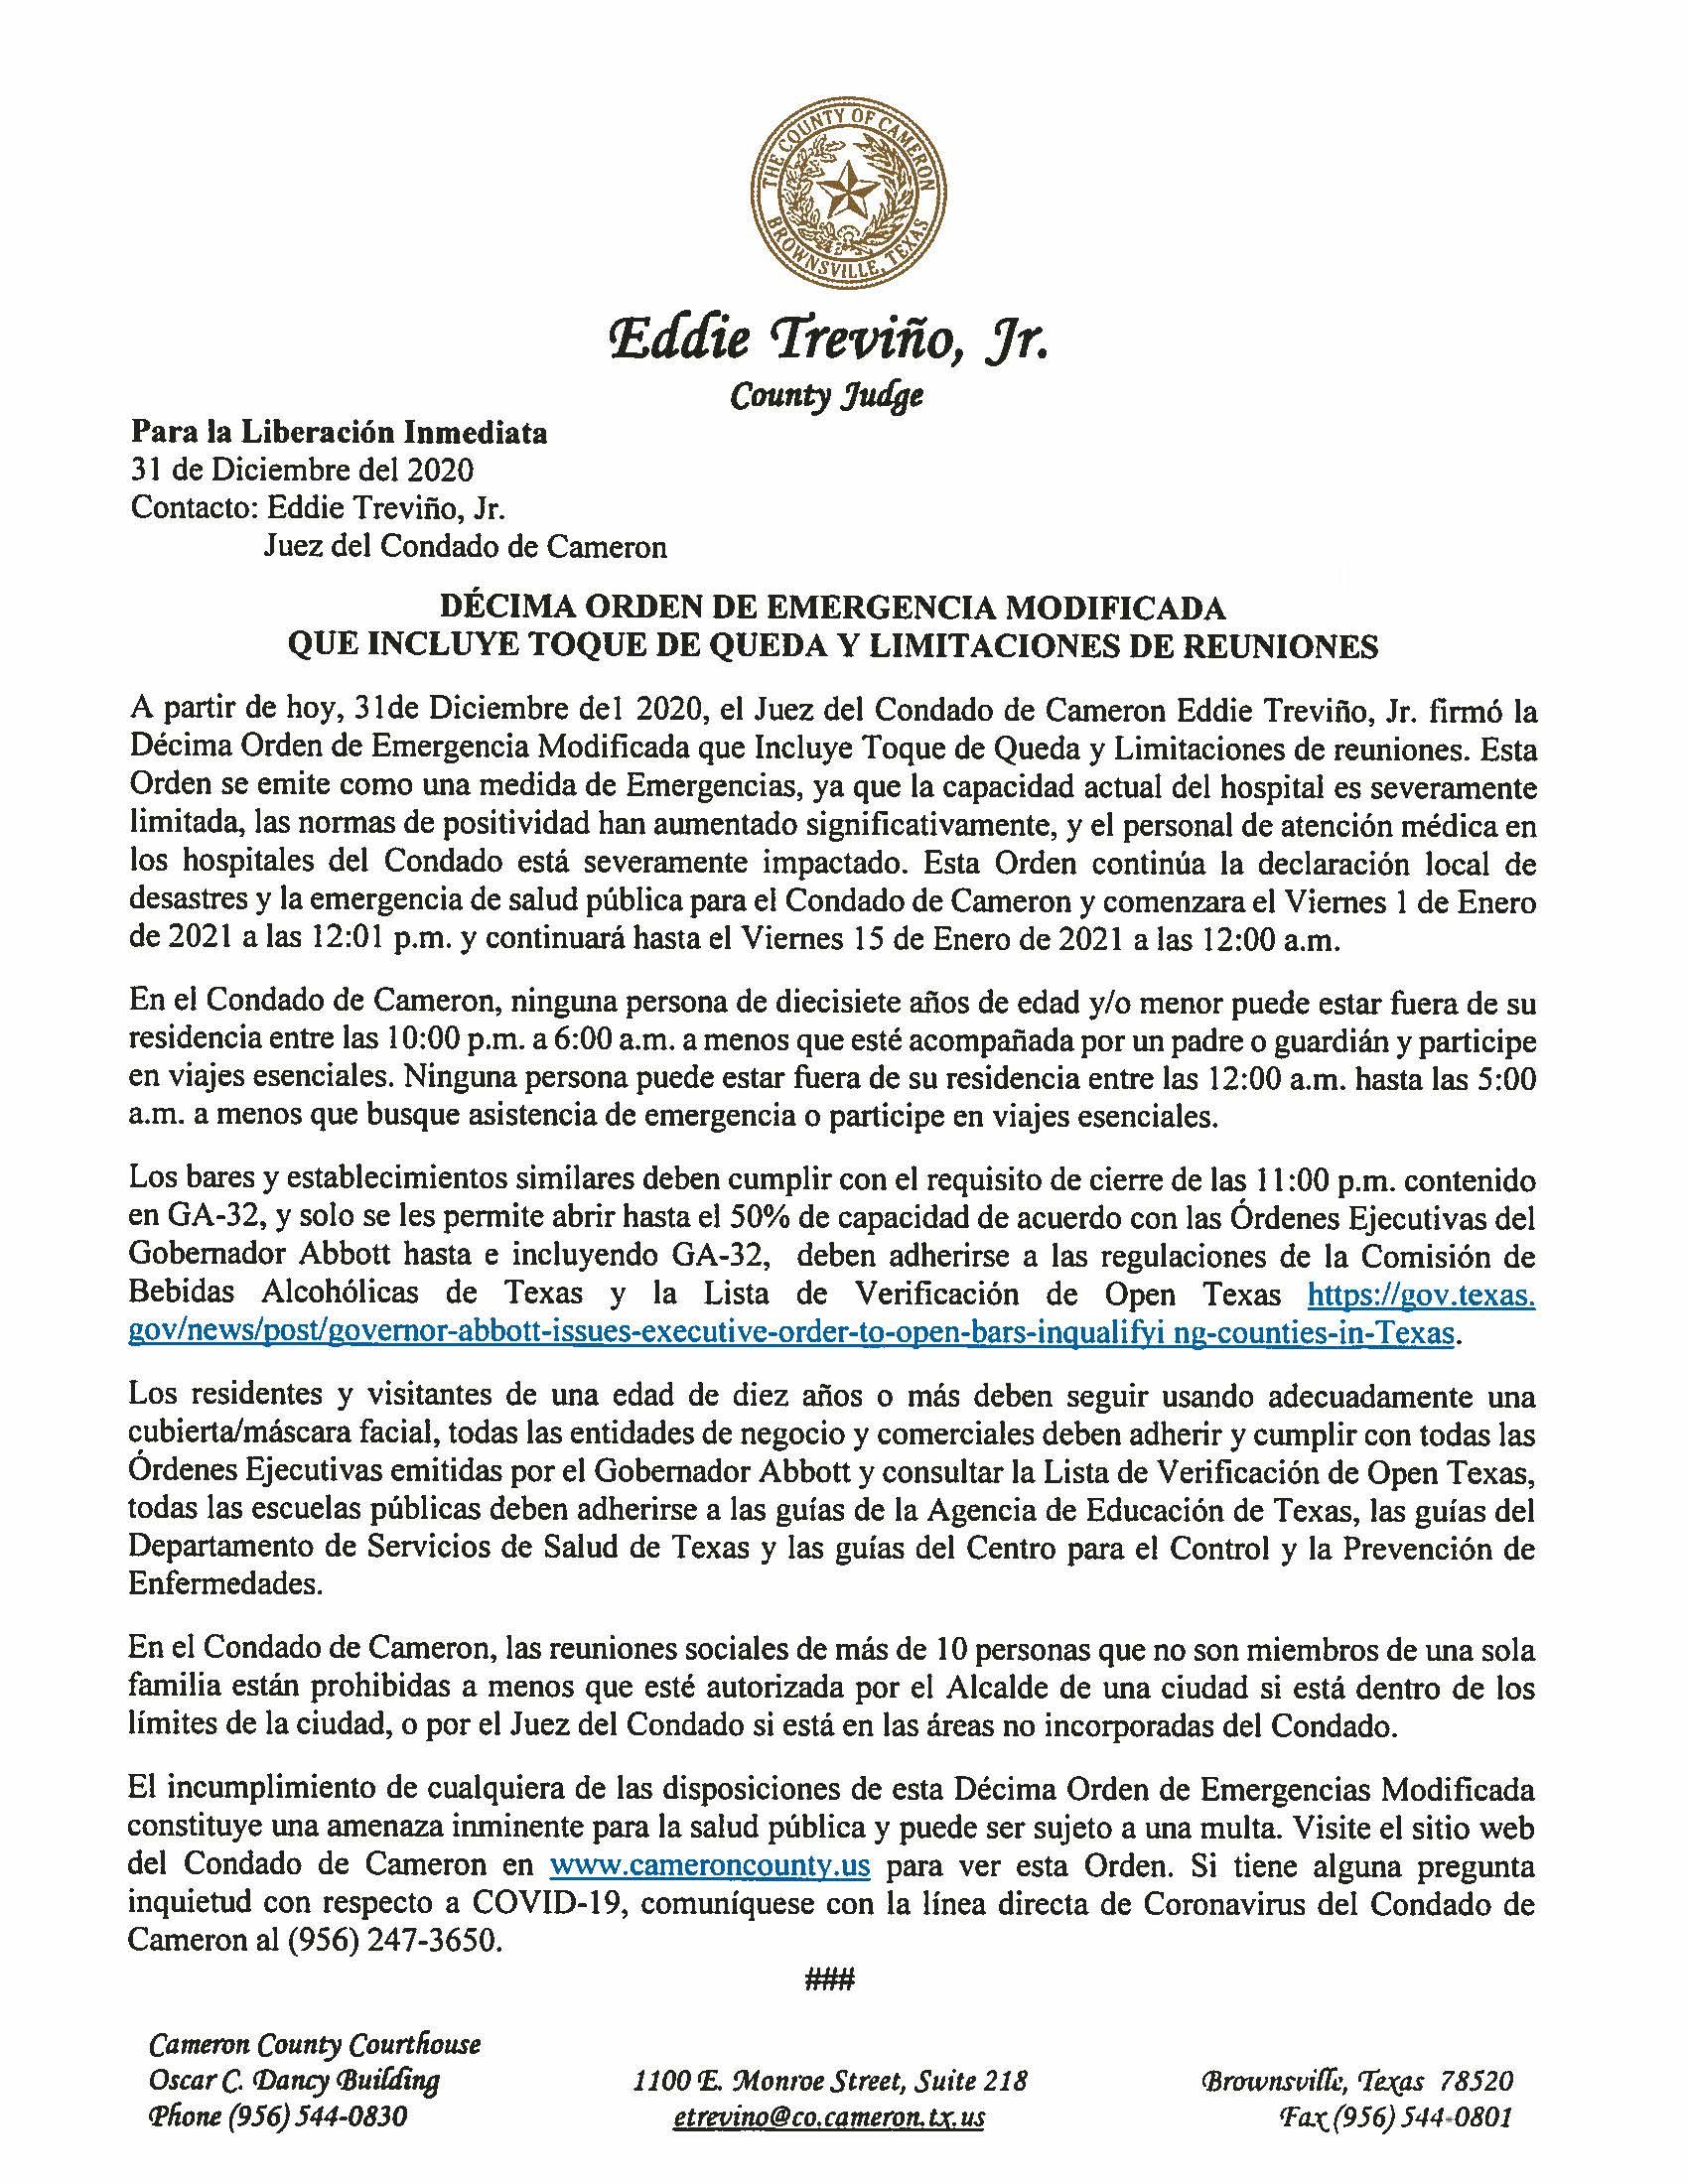 12.31.2020 Liberacion Inmediata Decima Orden De Emergencia Modificada Que Incluye Toque De Queda Y Limitaciones De Reuniones